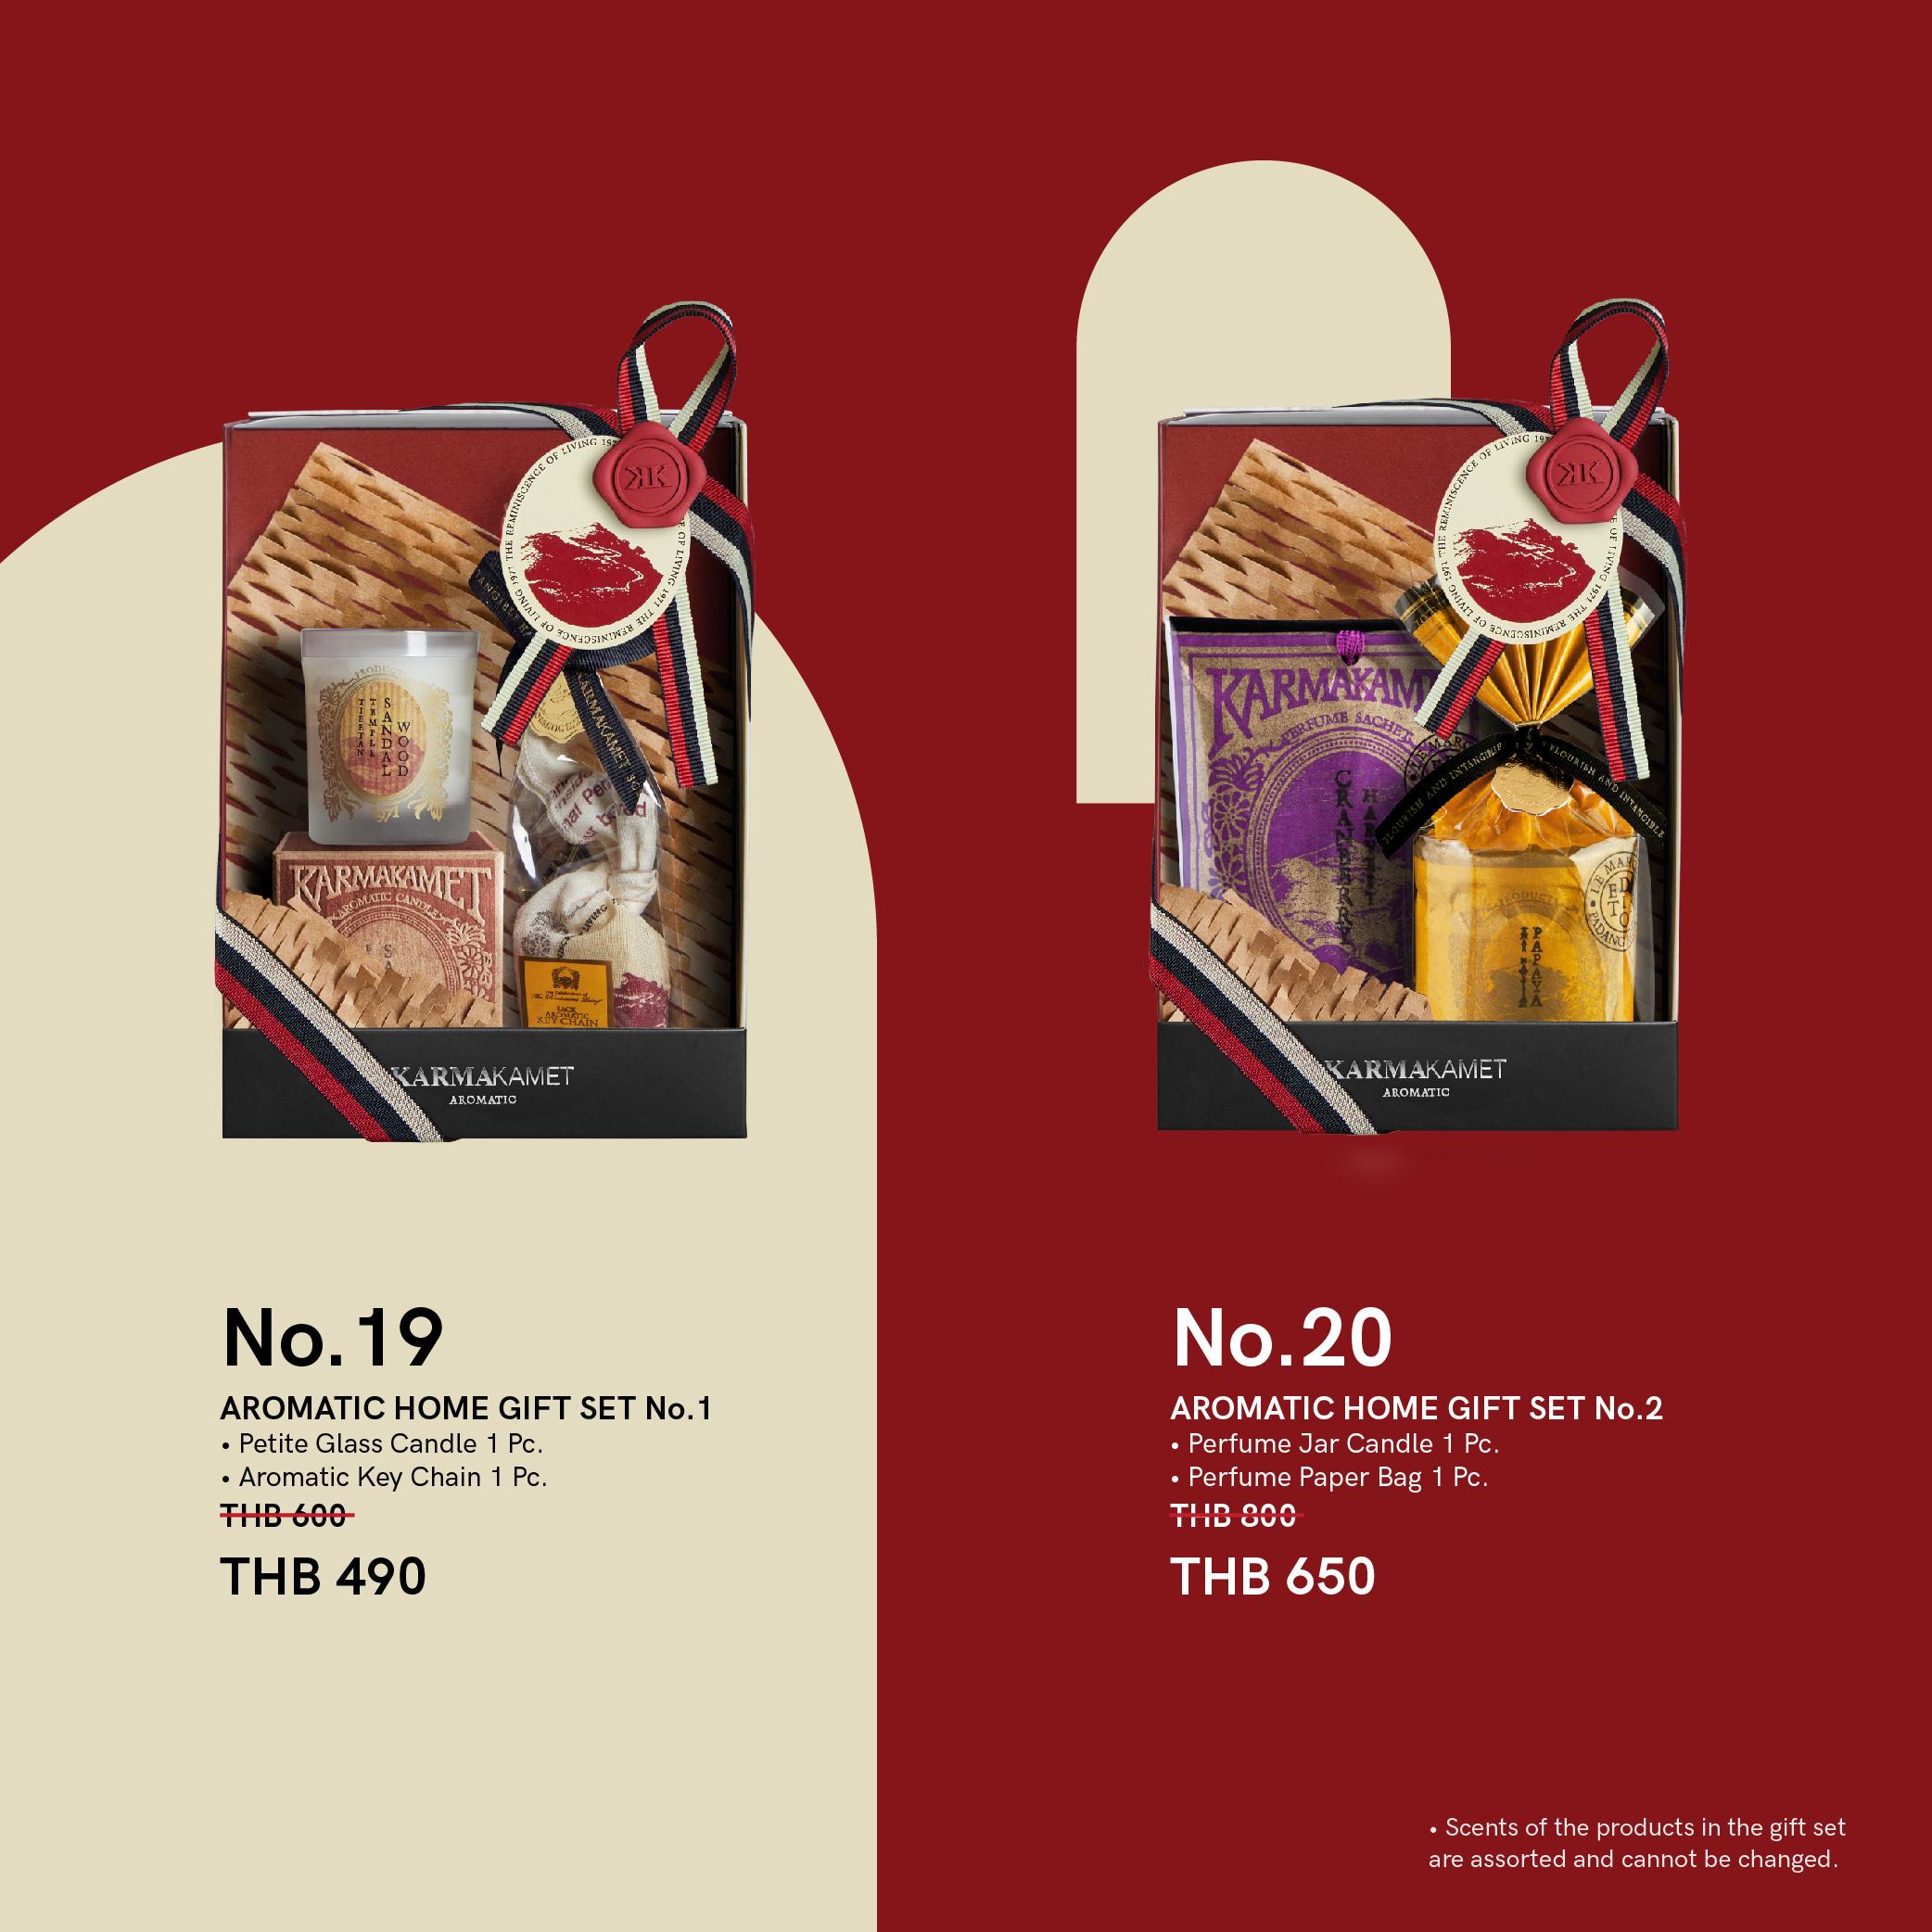 Gift Sets ชุดของขวัญปีใหม่ Karmakamet คามาคาเมต